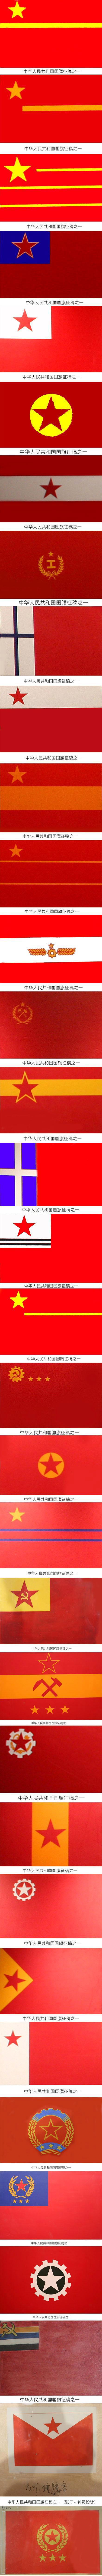 中国国旗无水印图片